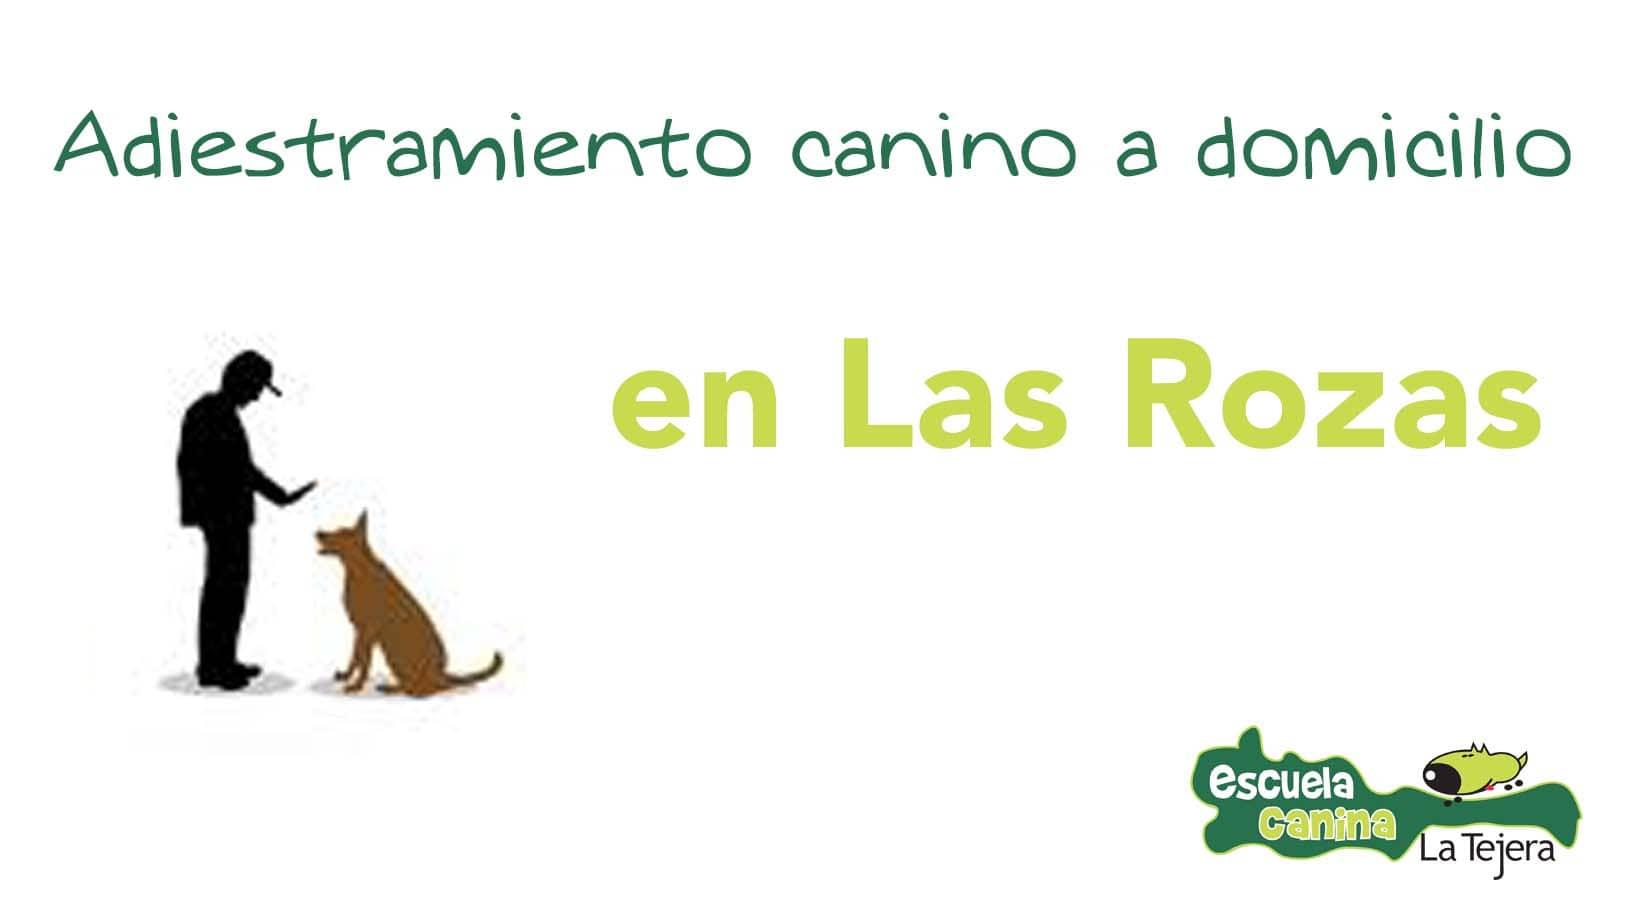 adiestramiento_domicilio_las_rozas